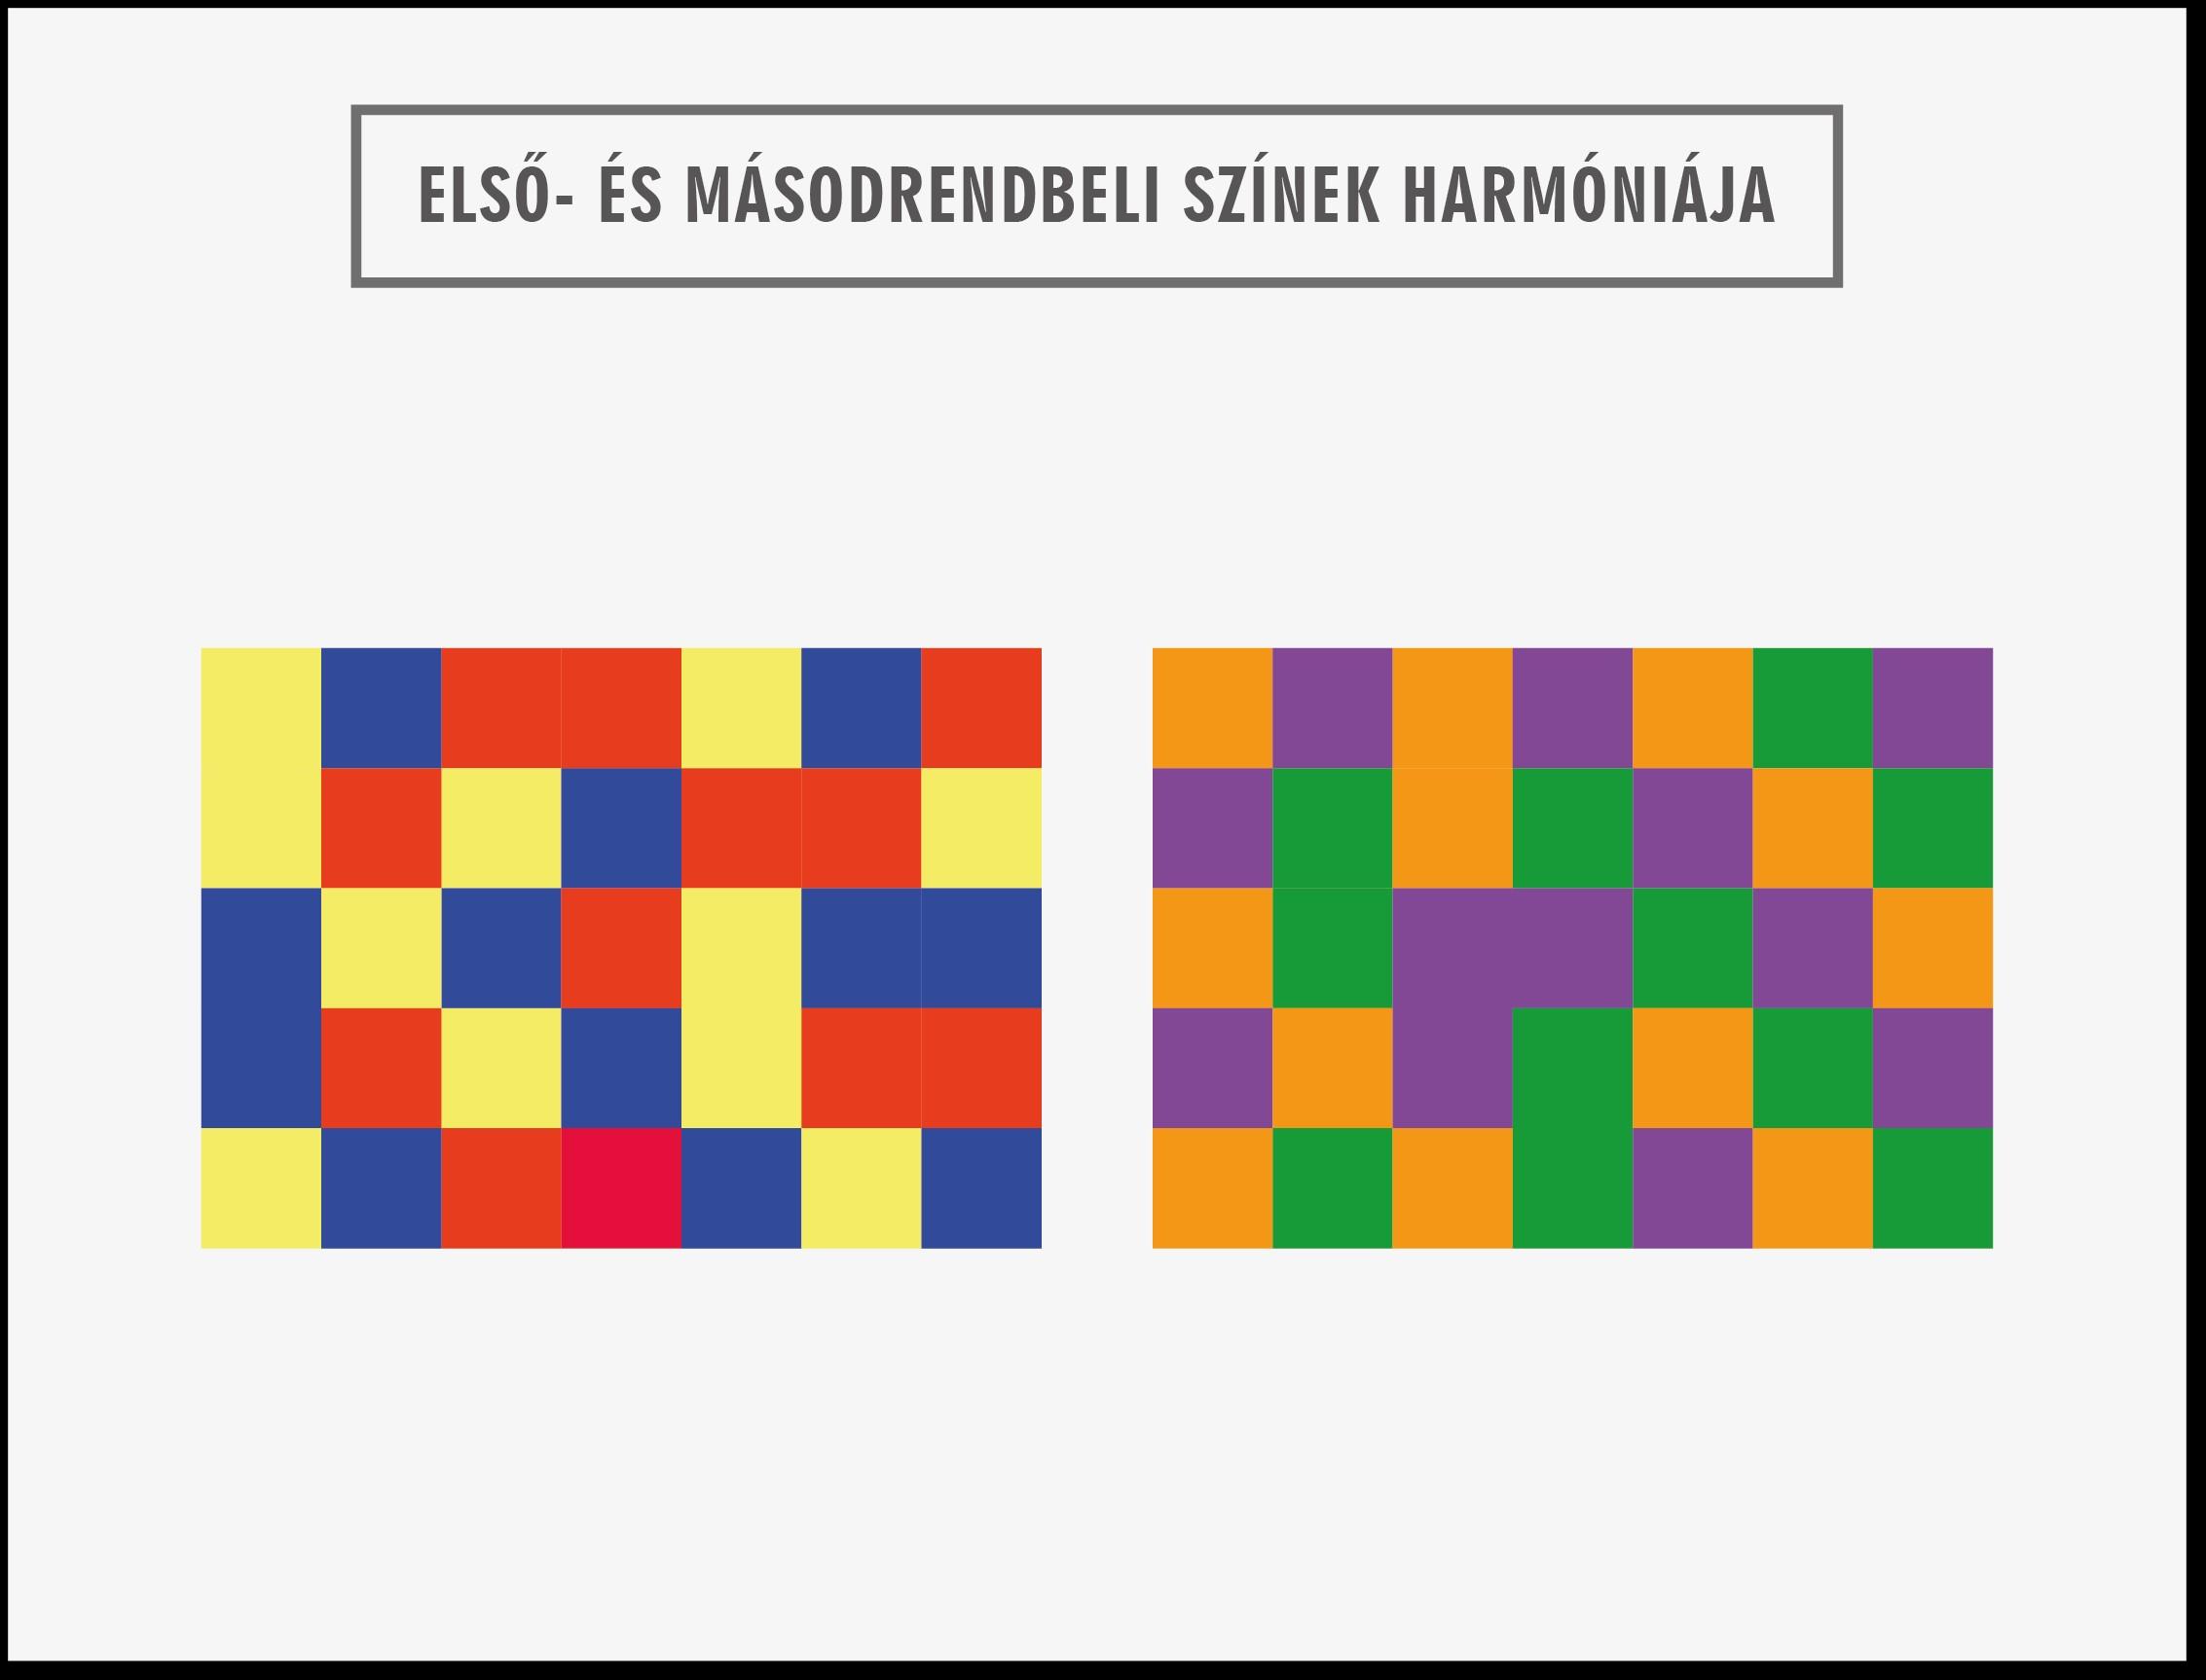 Elsőrendű-másodrendű színek kombinációja